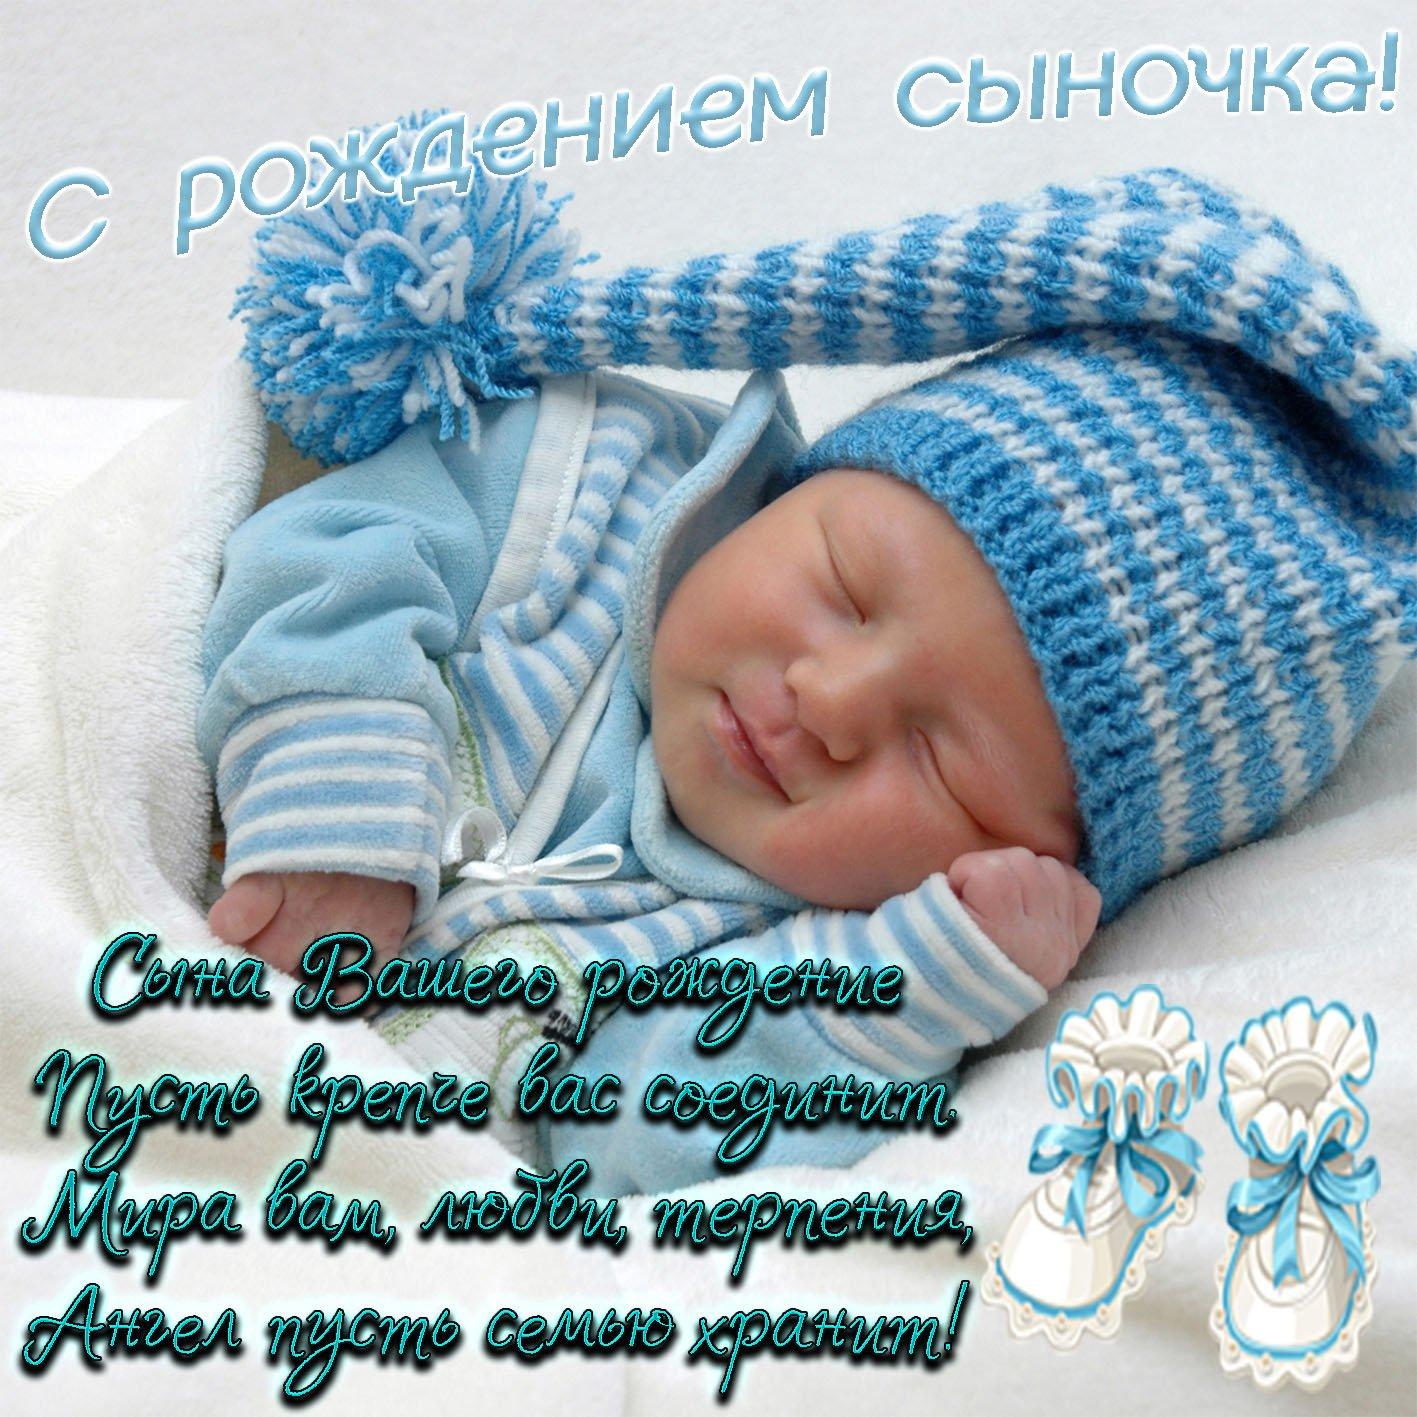 Введение, открытка с рождением сына анимации